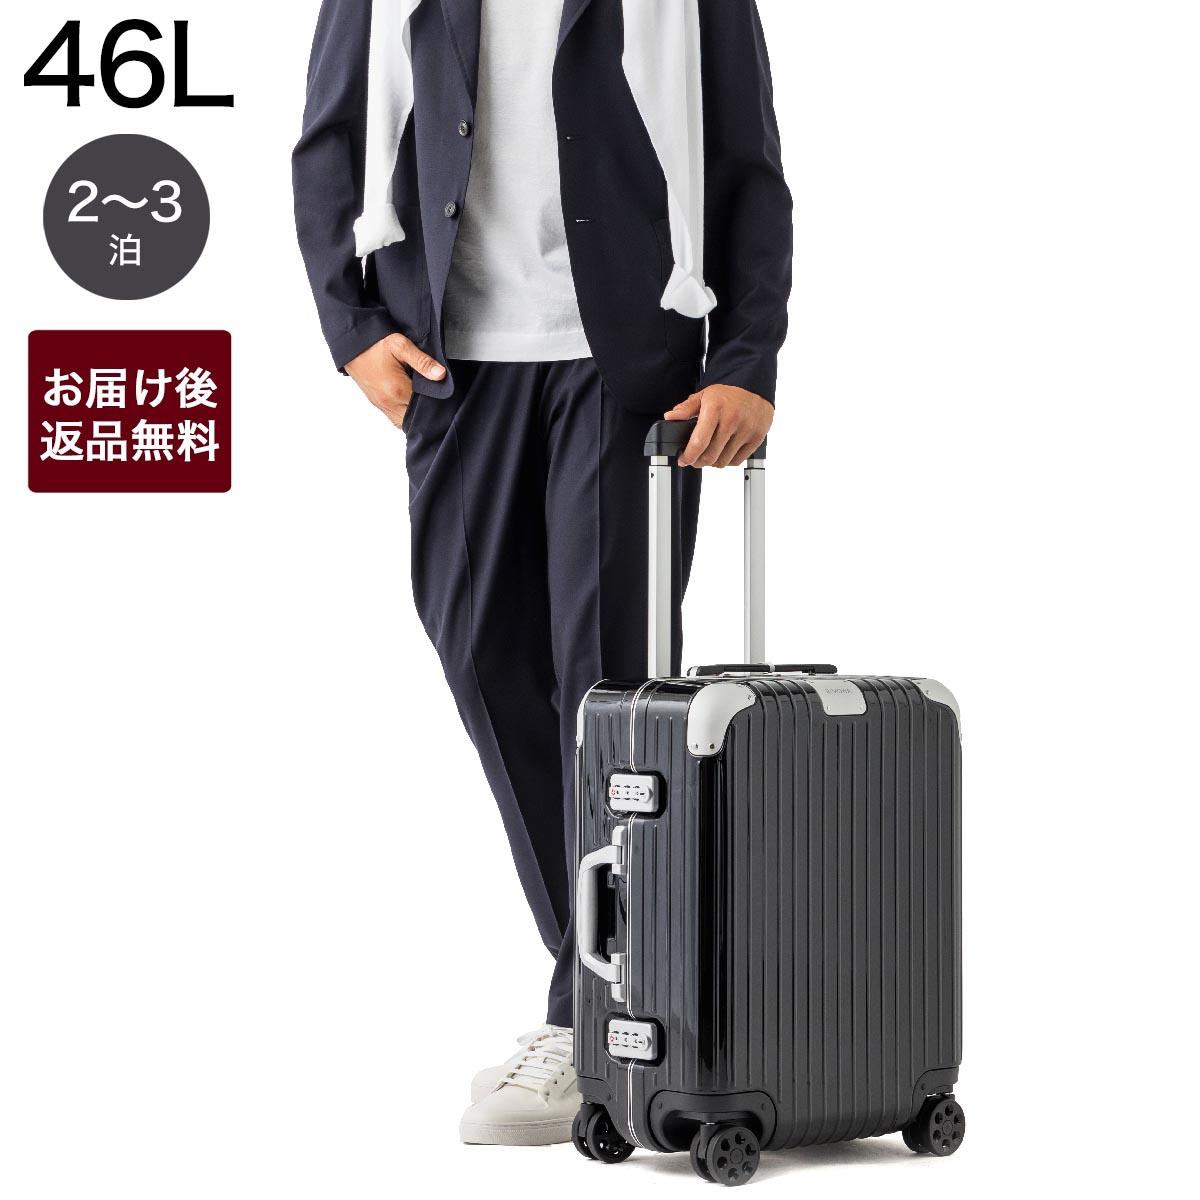 リモワ RIMOWA スーツケース ブラック メンズ レディース 883.56.62.4.0.1 HYBRID Cabin Plus ハイブリッド キャビン プラス 46L【_関東】【返品送料無料】